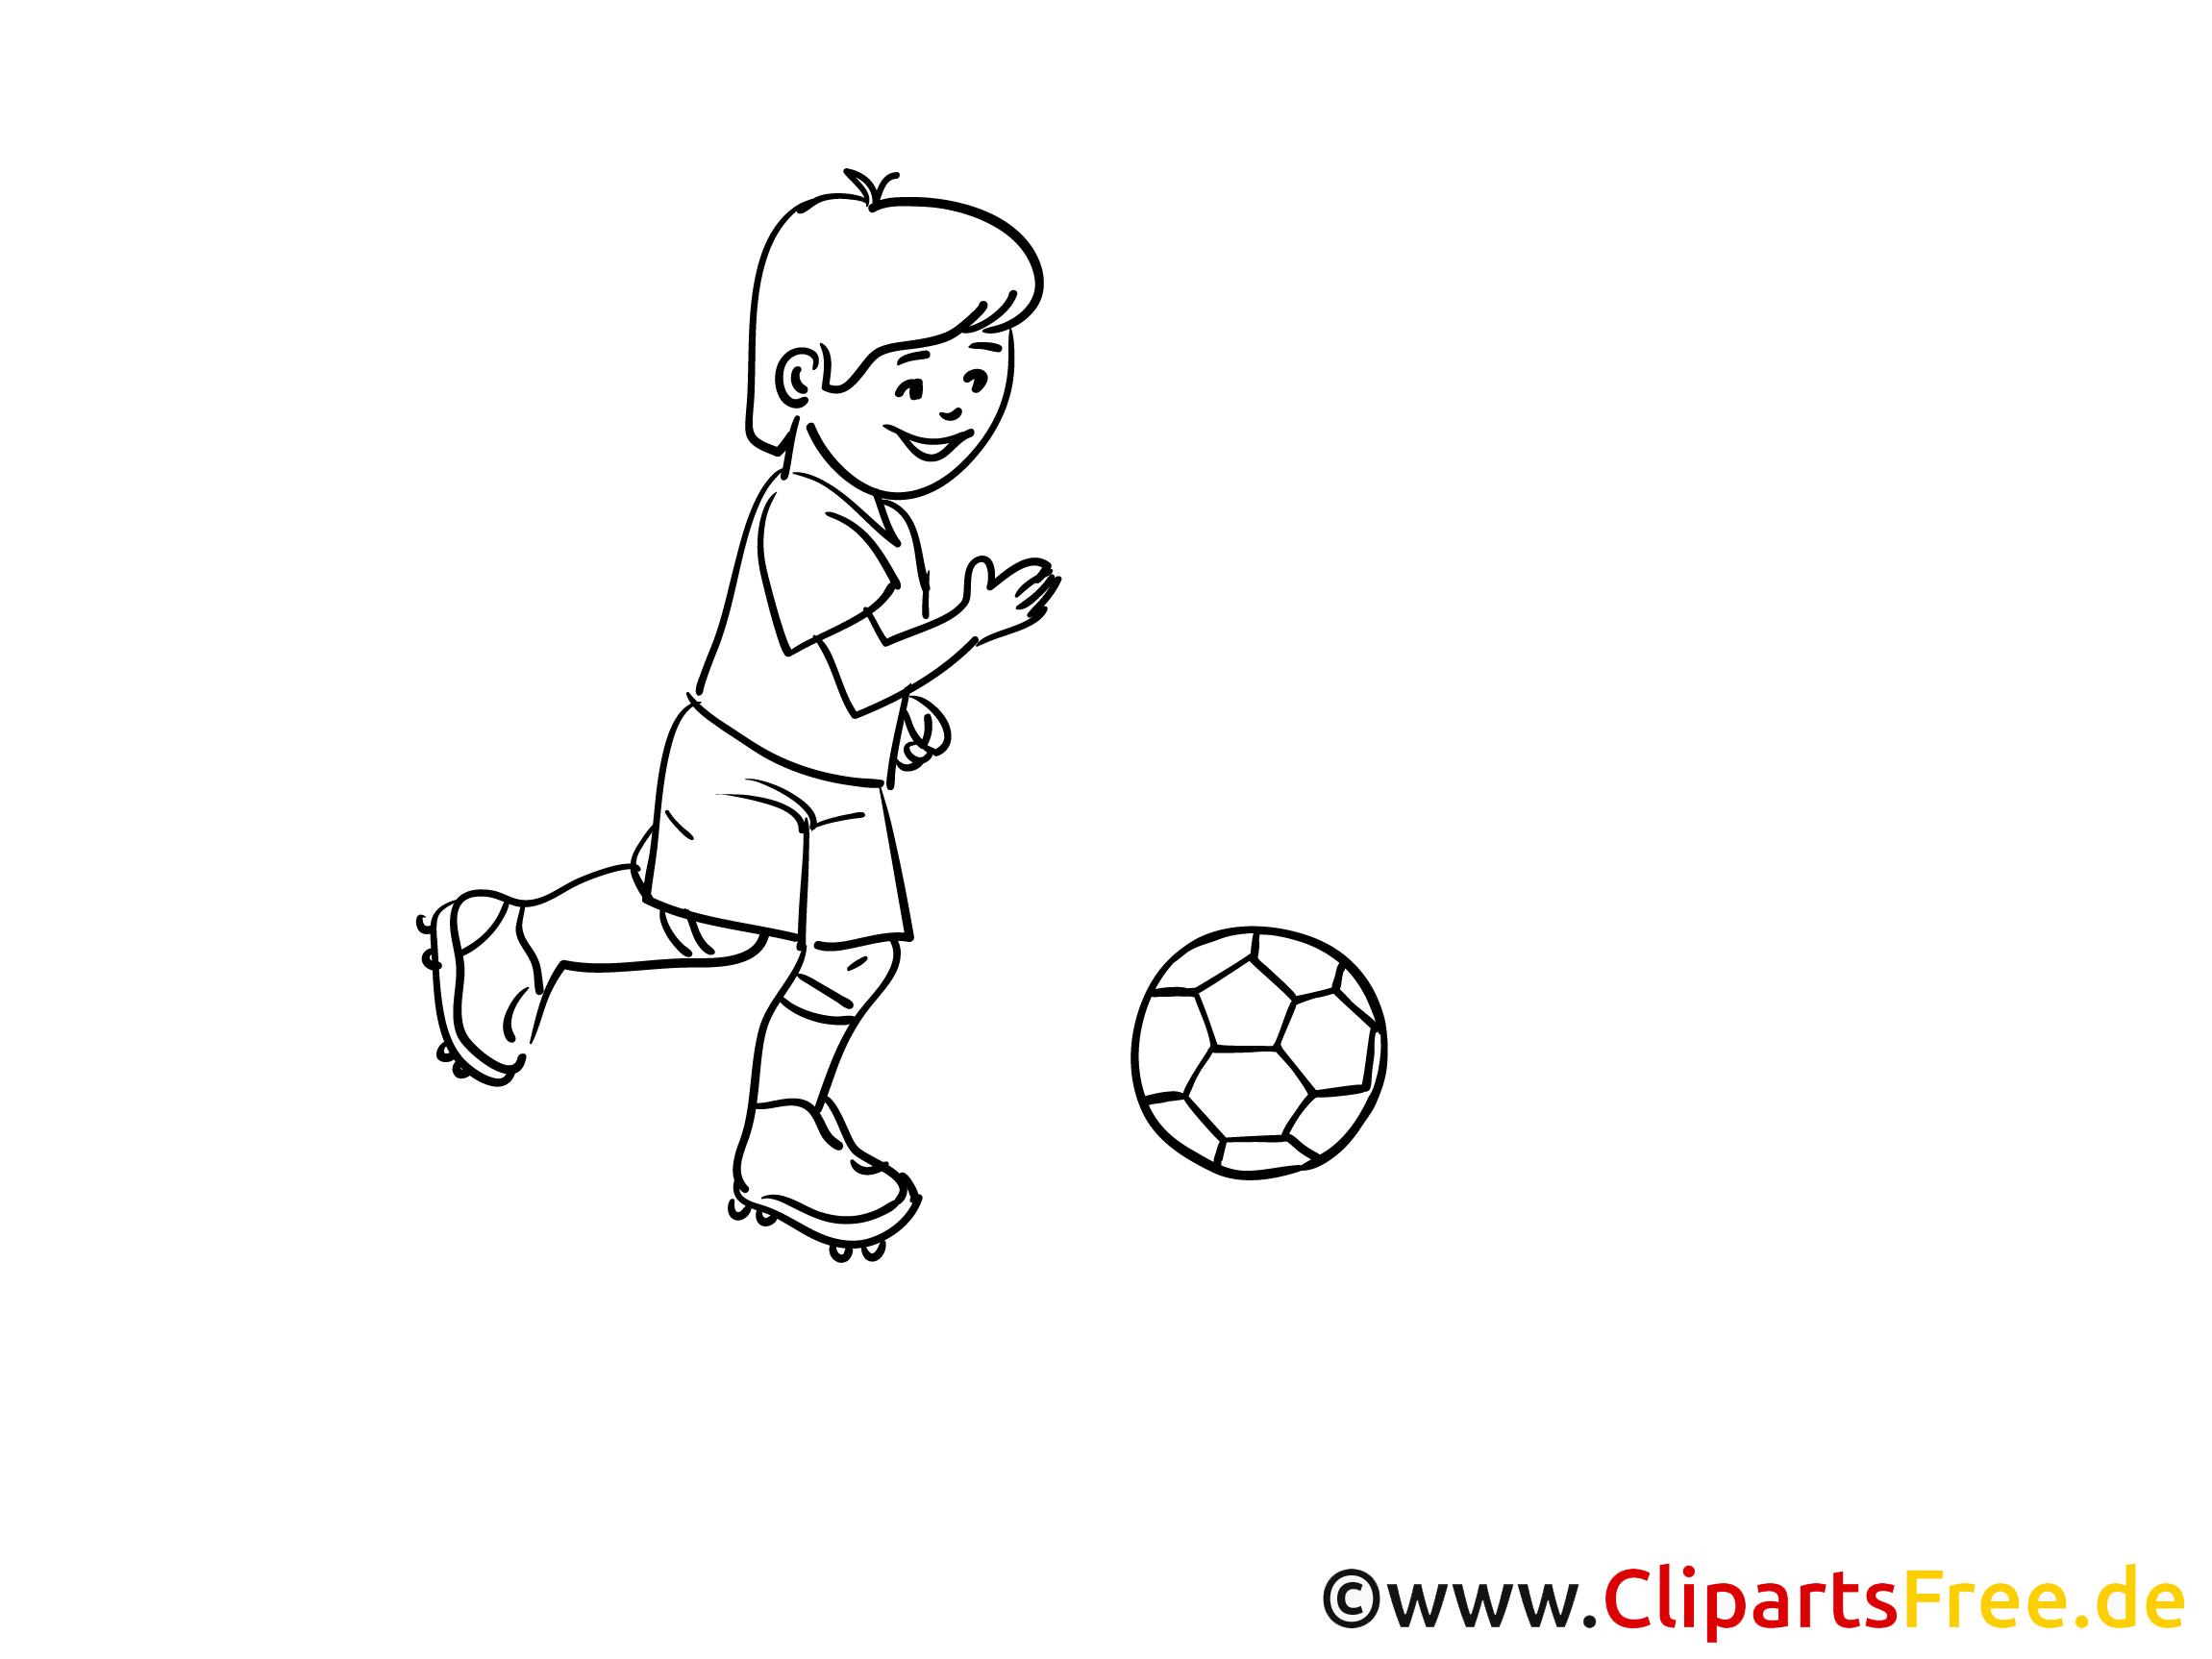 Kind spielt Fussball Malvorlage